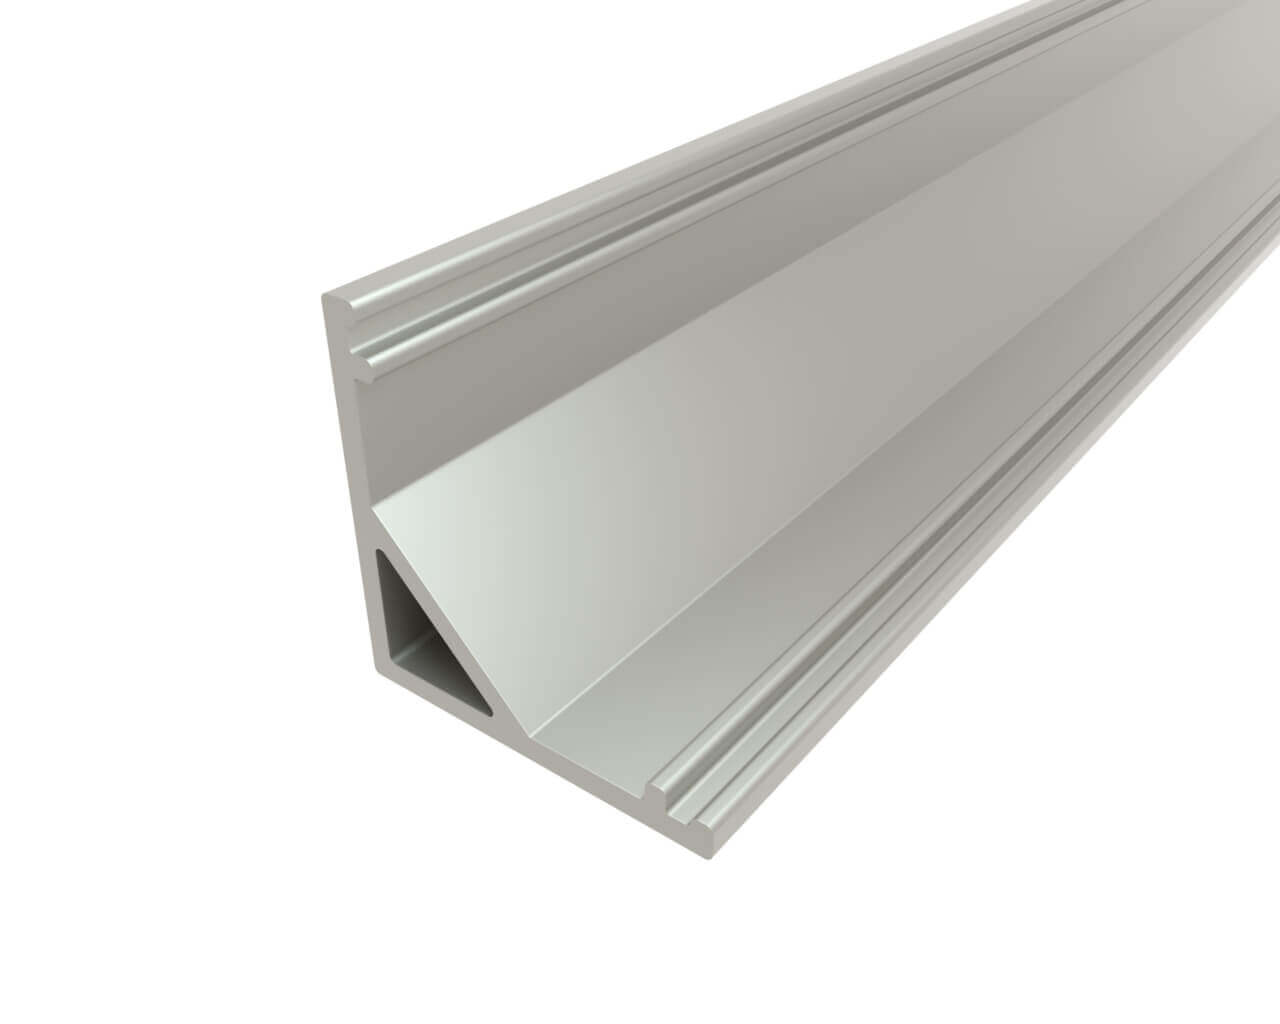 Профиль угловой алюминиевый LC-LPU-1616-2 Anod